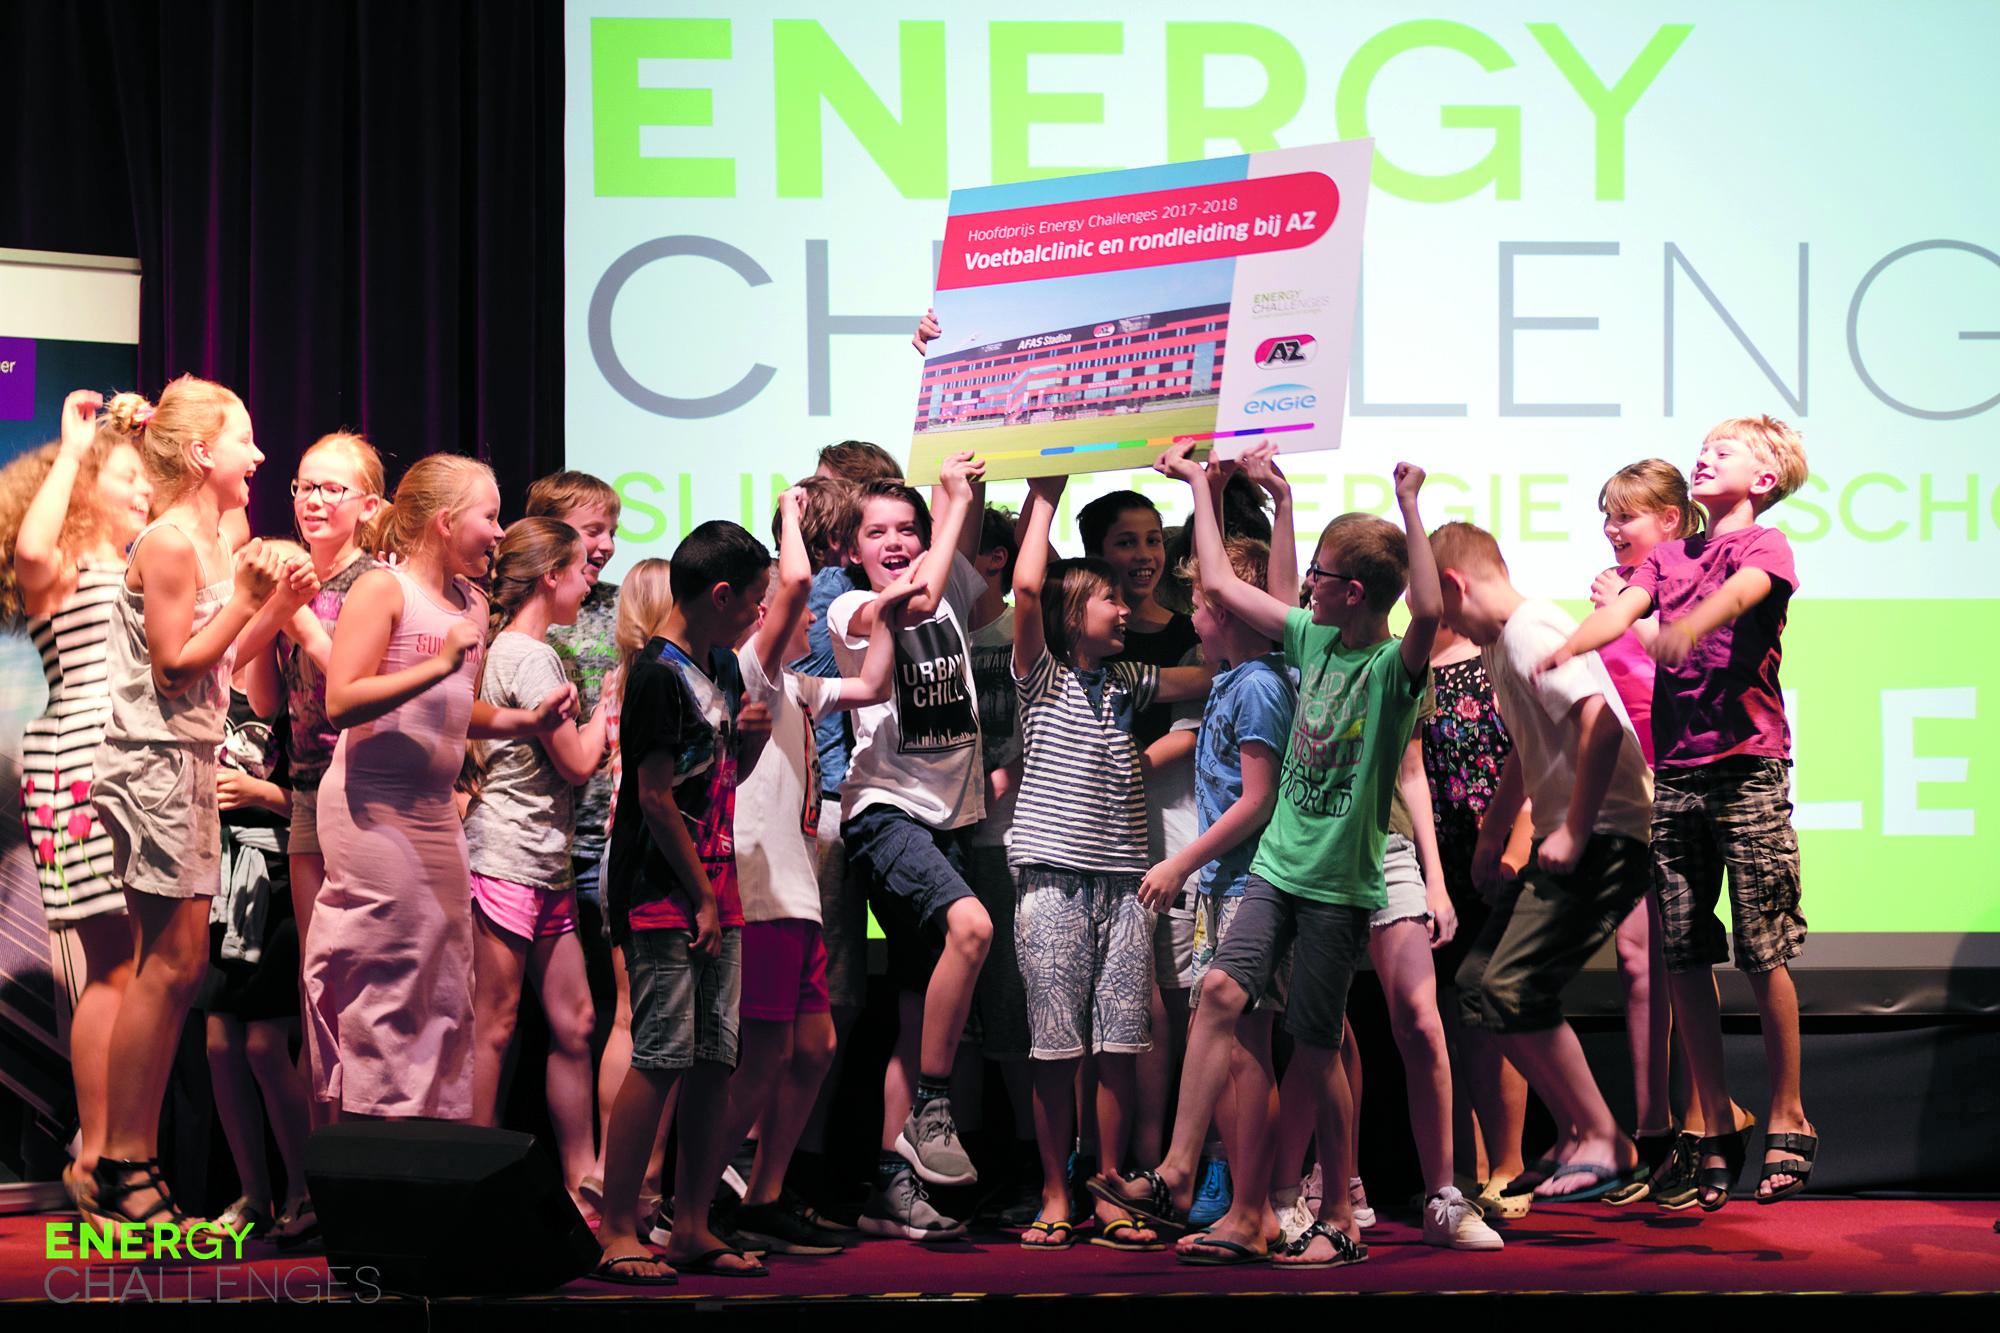 Basisschool de Cocon heeft donderdag 31 mei in de Cultuurkoepel Heiloo de Energy Challenges 2017-2018 gewonnen. (Foto: aangeleverd)